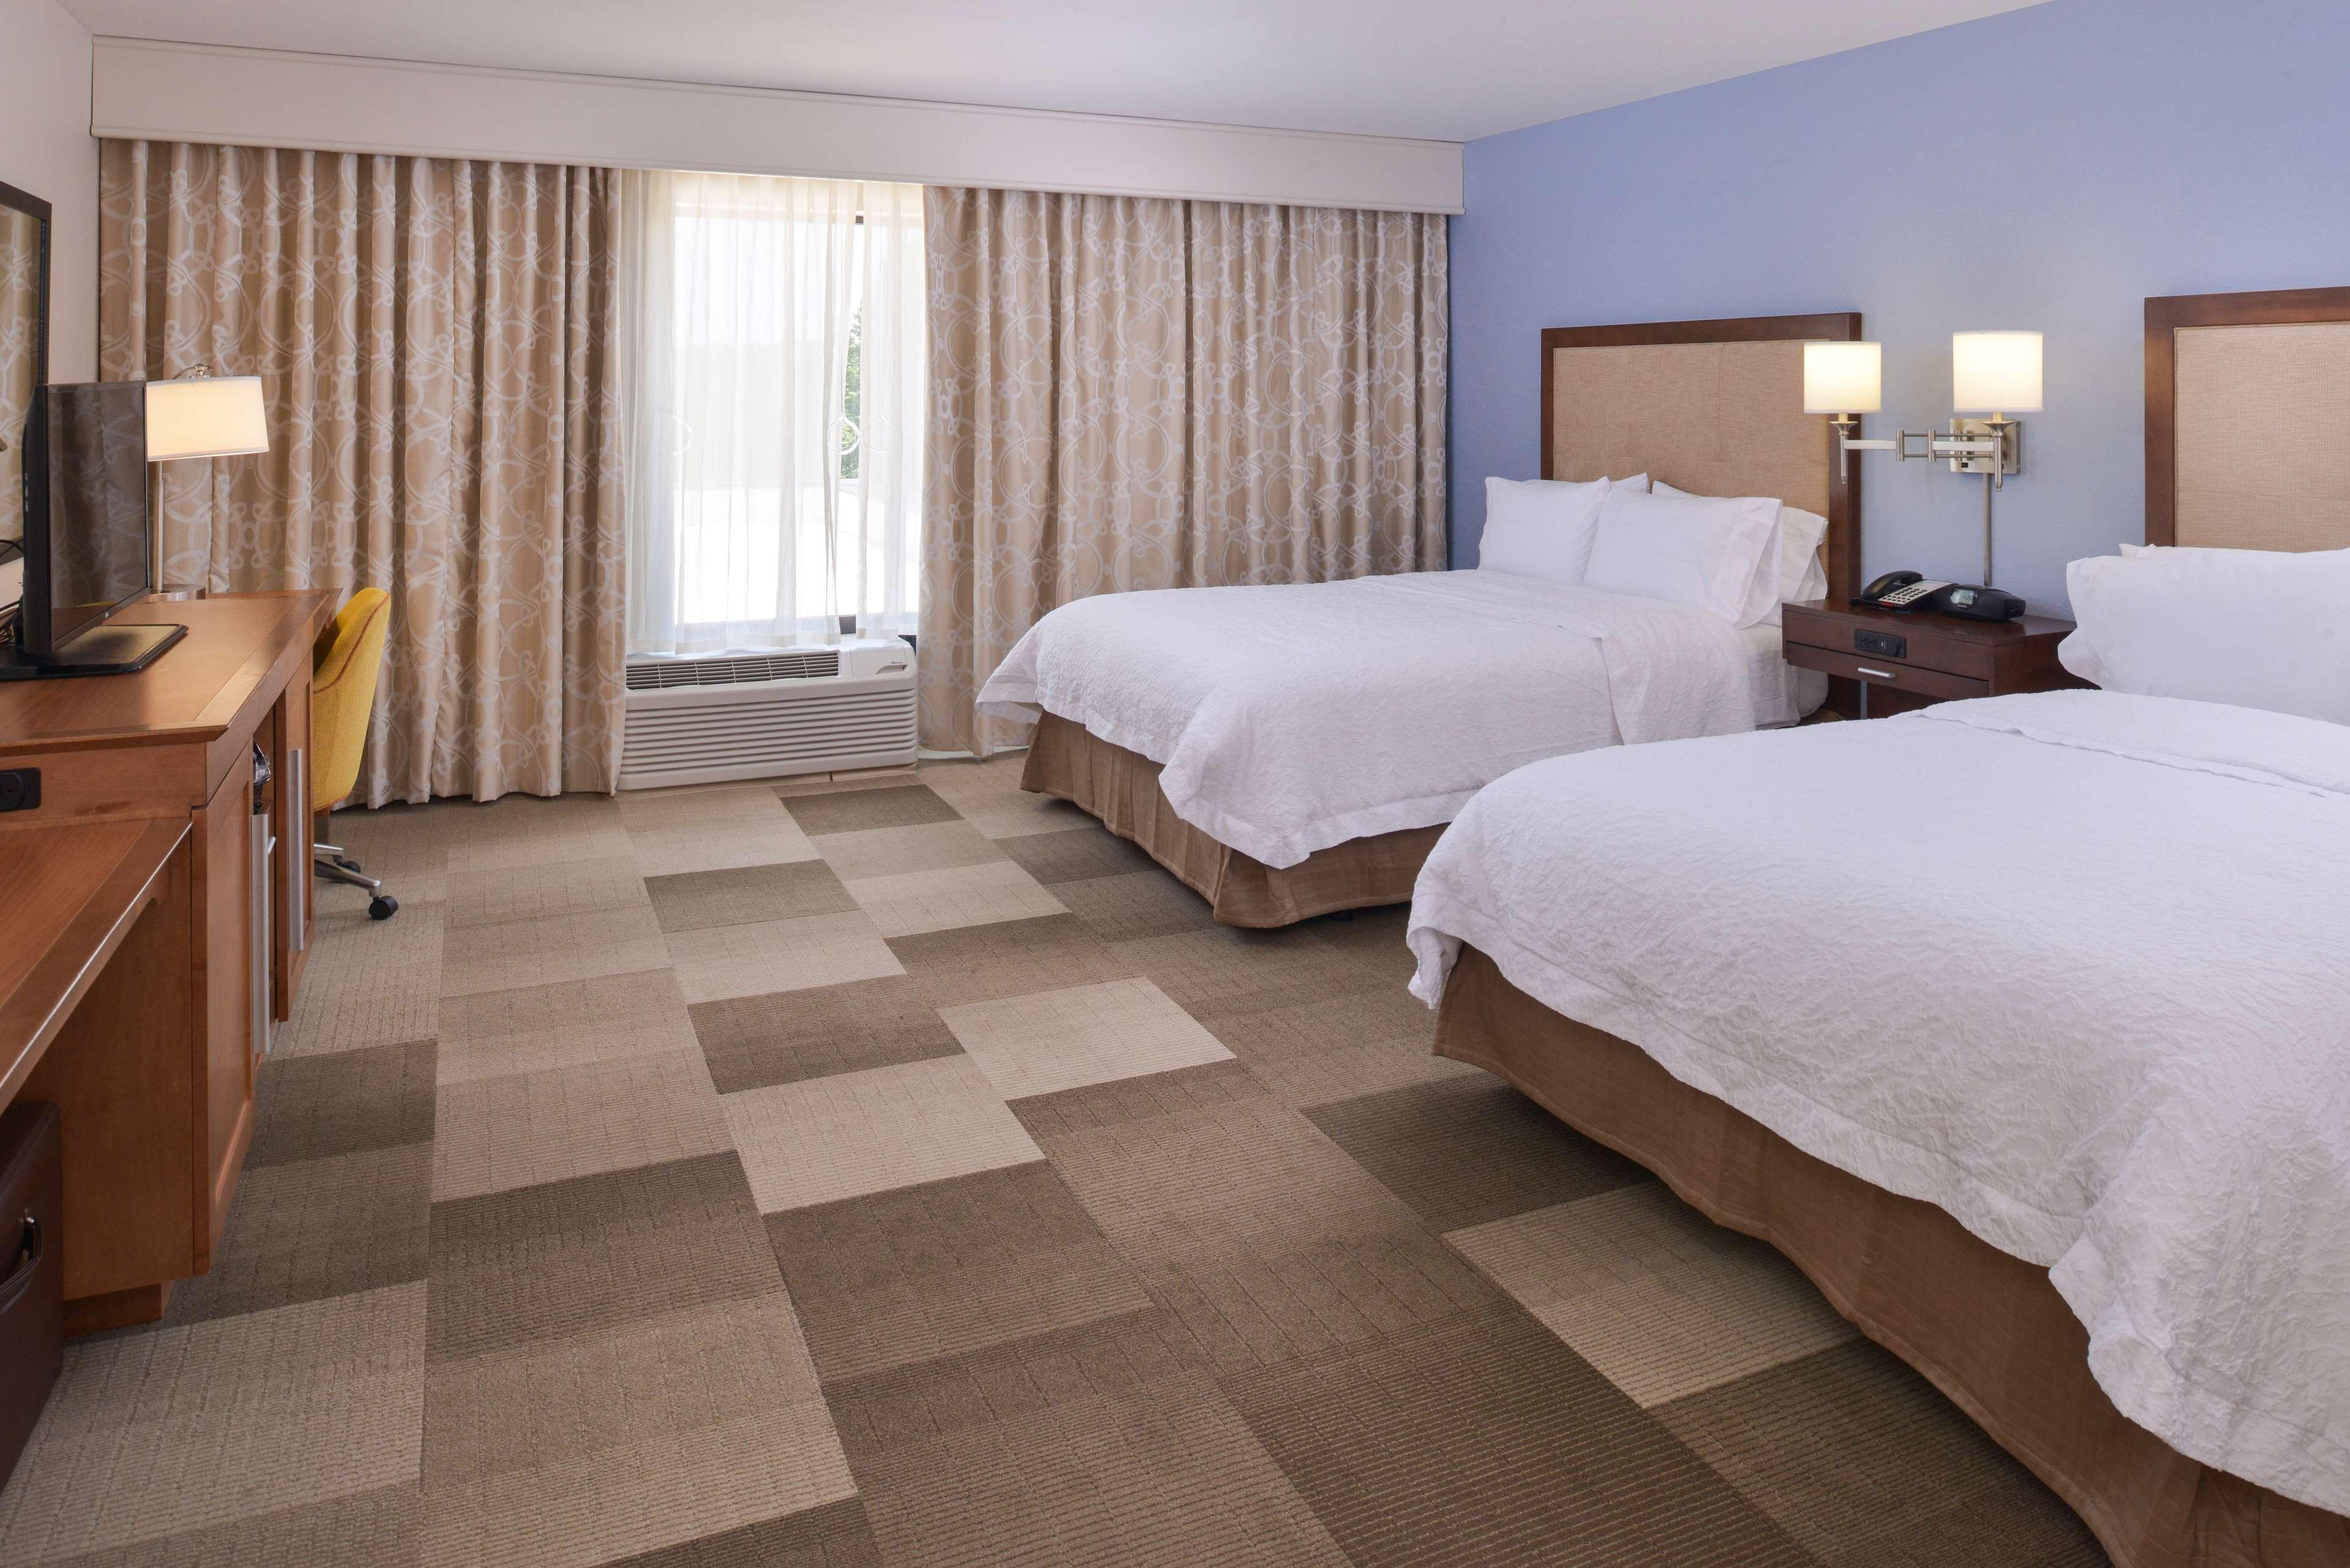 Hampton Inn & Suites Lonoke image 32